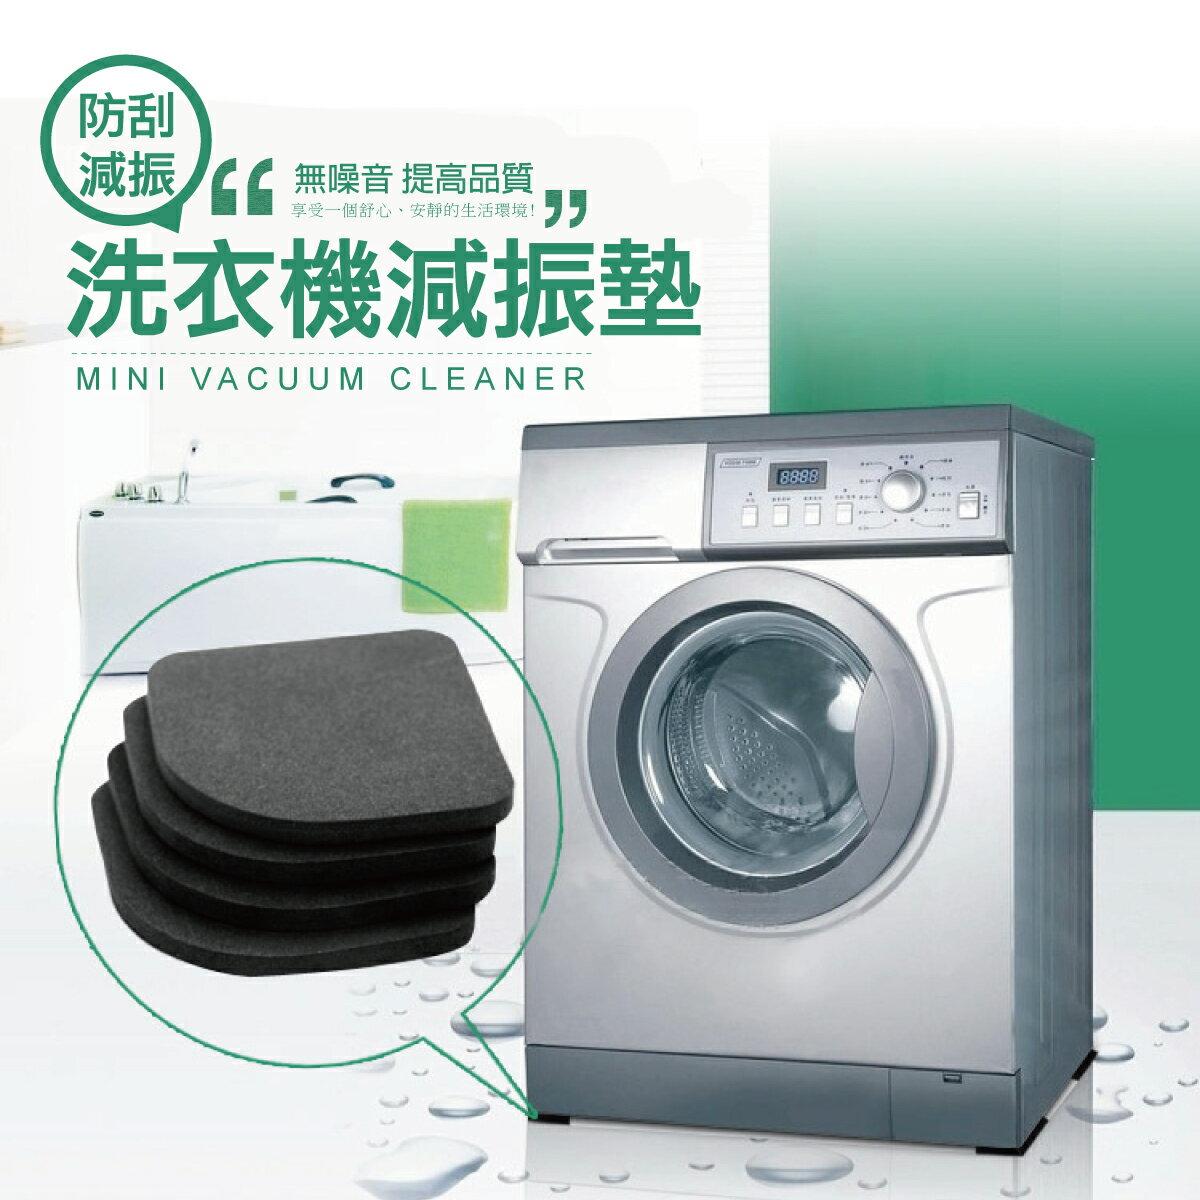 靜音防滑傢具地板保護墊【RA-015】沙發 洗衣機抗震墊 靜音棉墊 傢具防刮墊